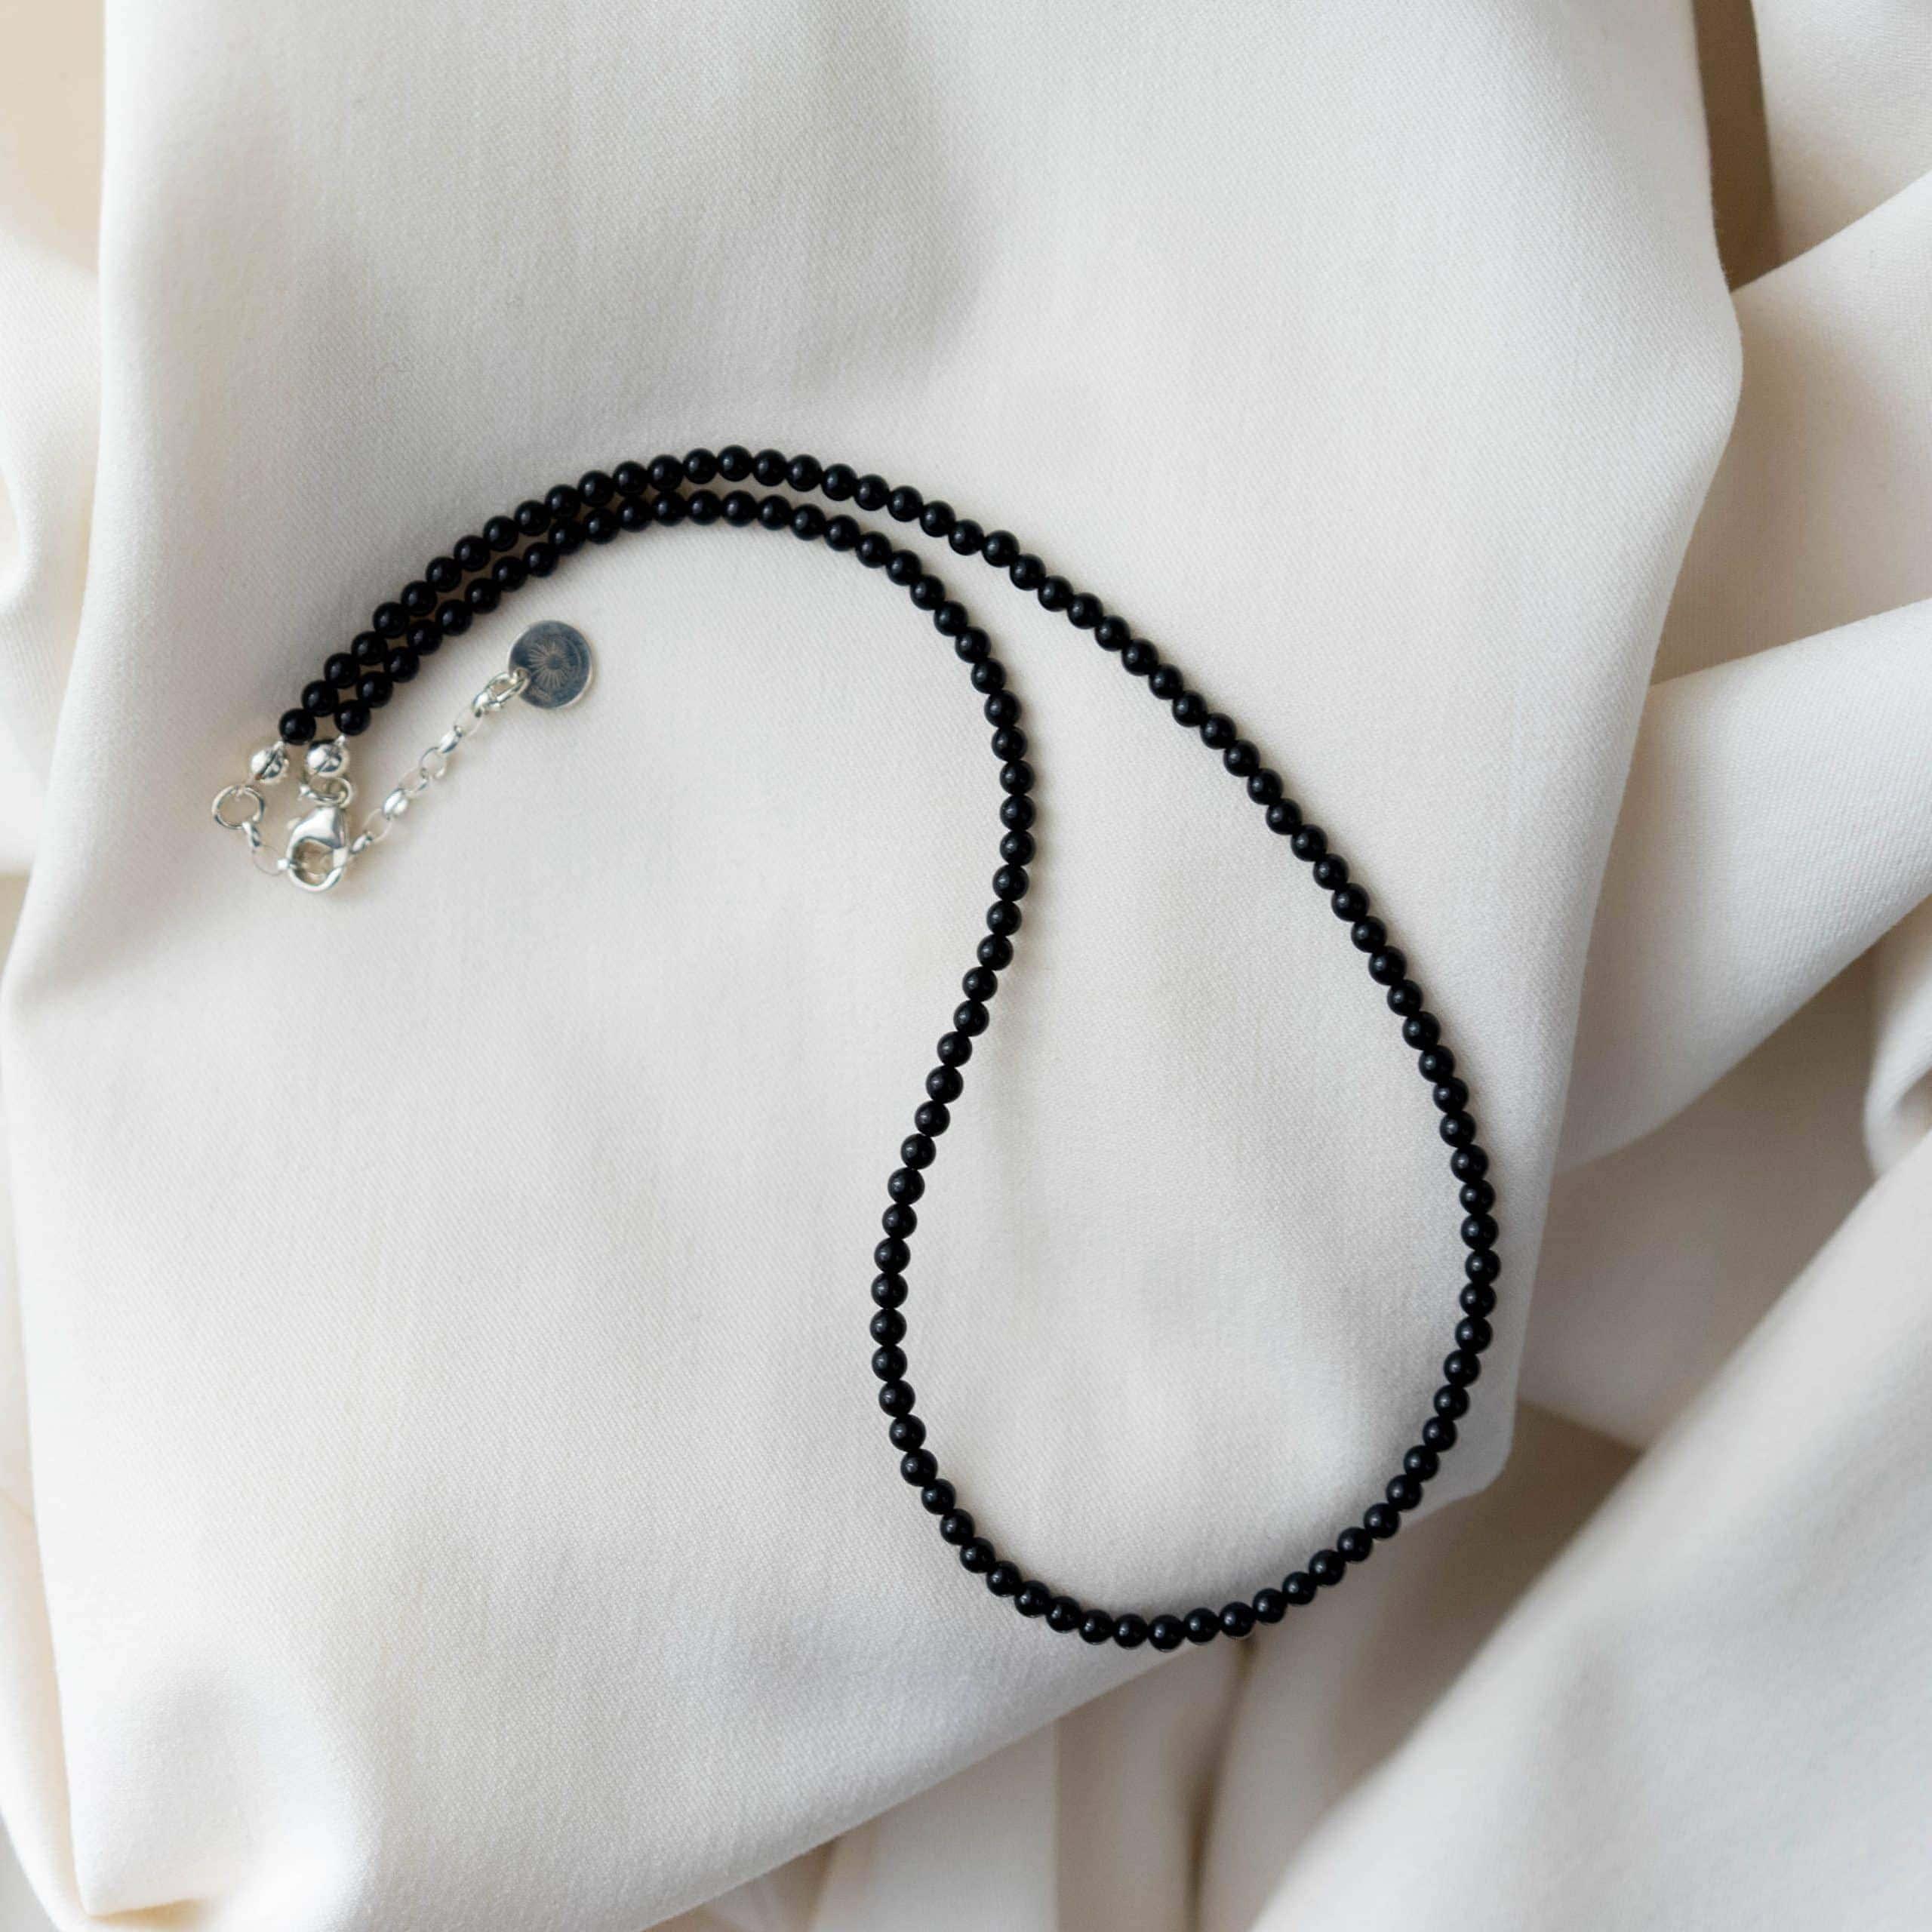 Czarny naszyjnik z drobnych kamieni na jasnym materiale,